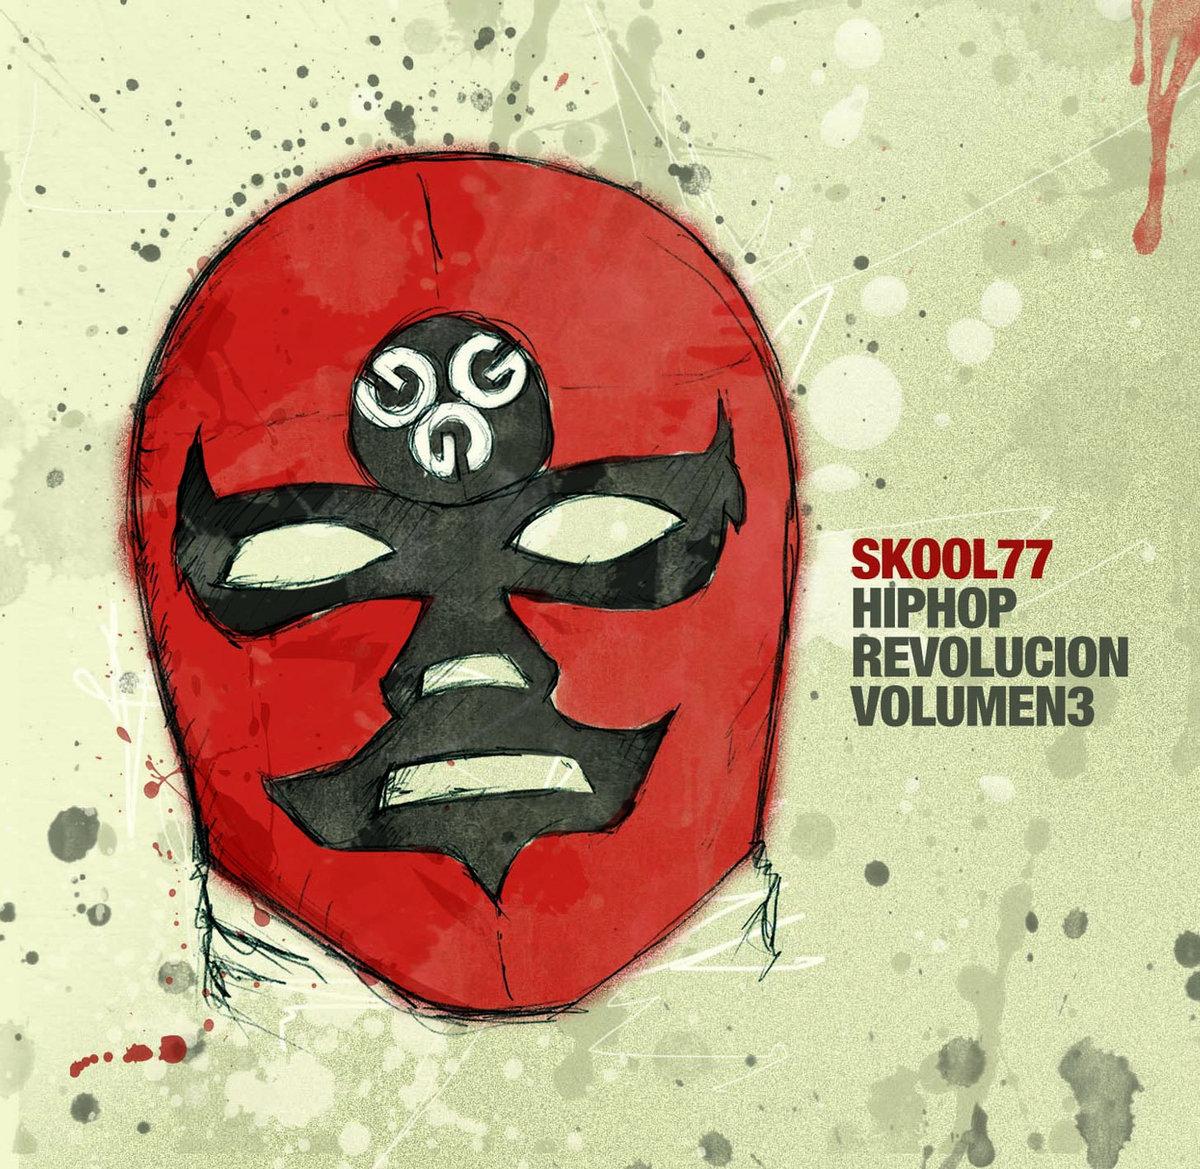 discografia de skool 77